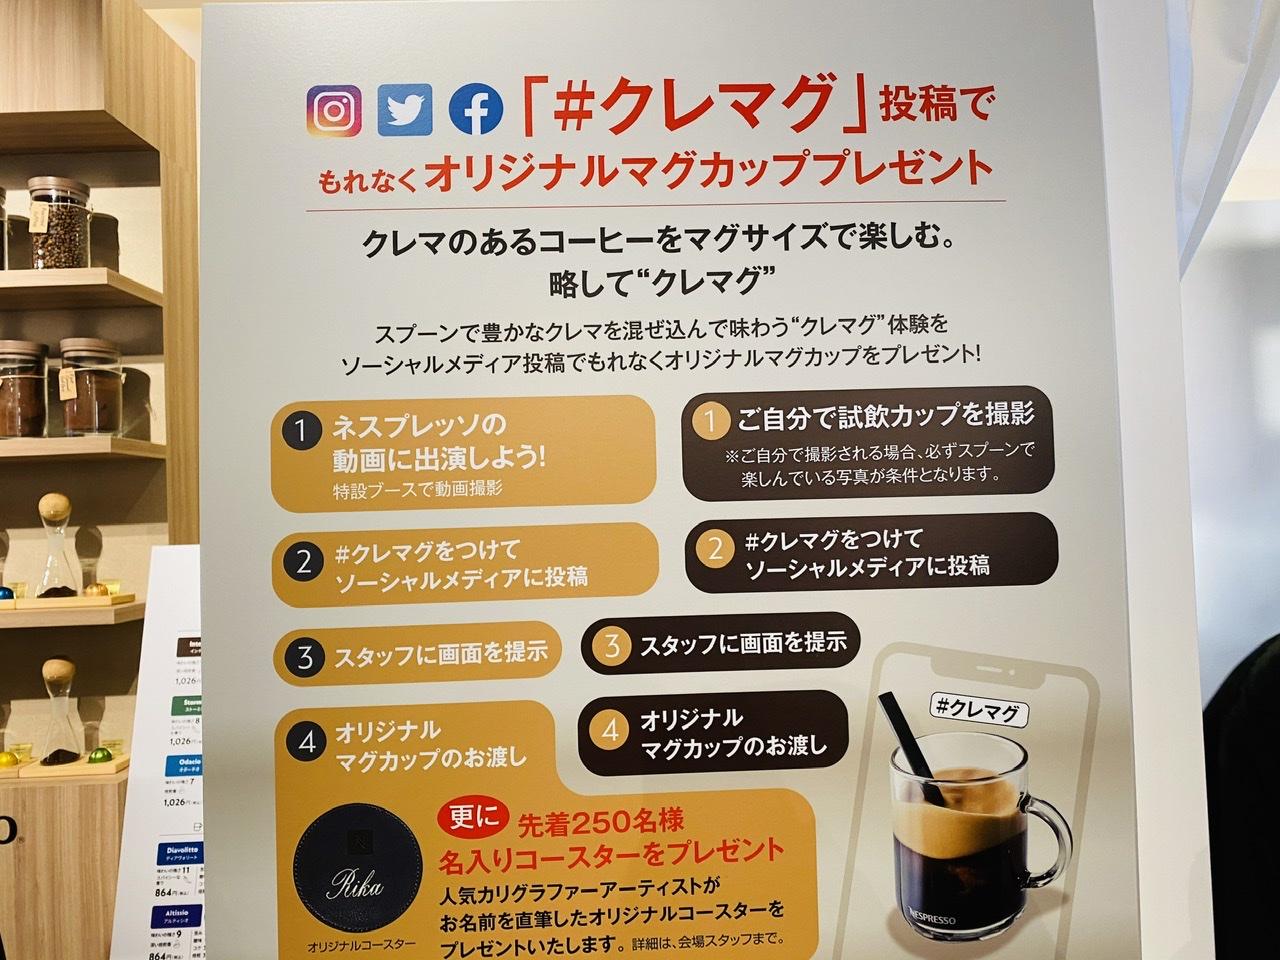 【ネスプレッソ】豪華すぎる!マグカップ&名入りコースター貰える★新コーヒーマシン体験イベントへ♡_8